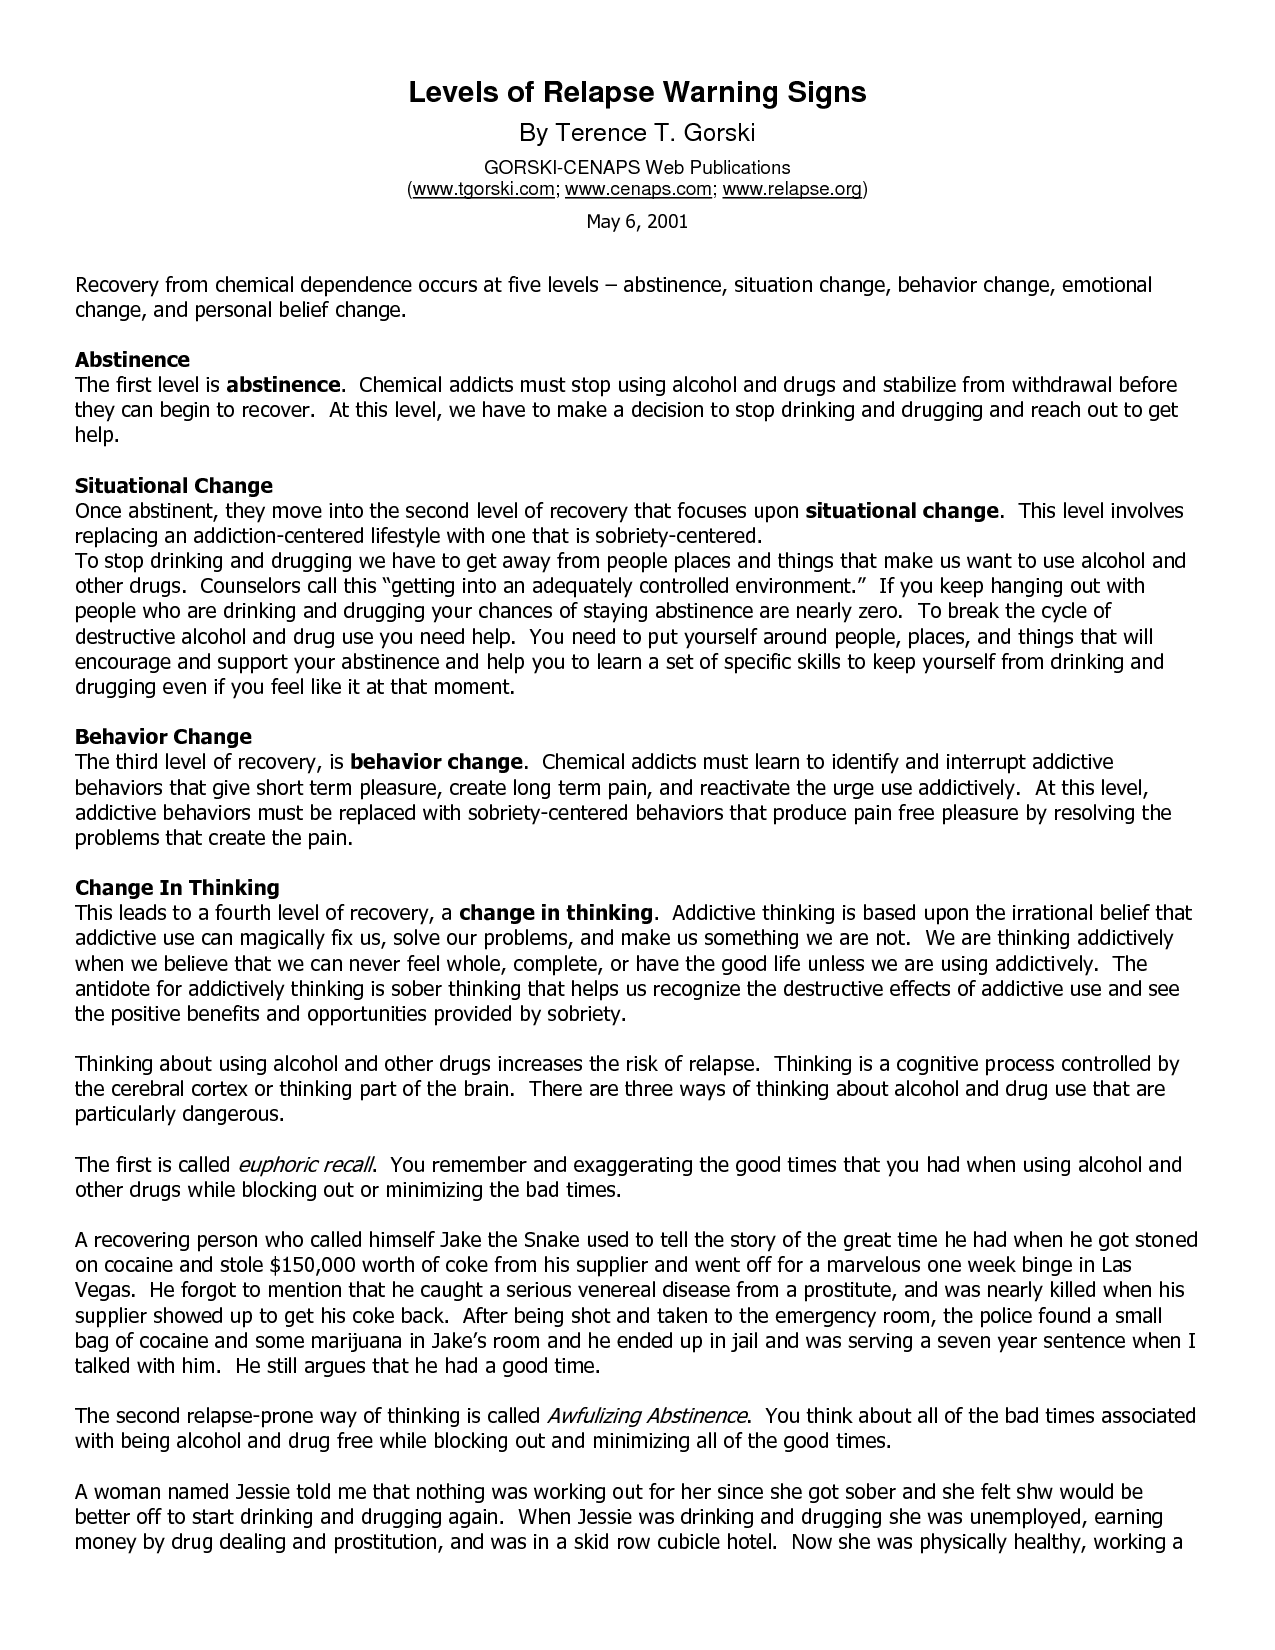 Gorski Relapse Prevention Worksheets